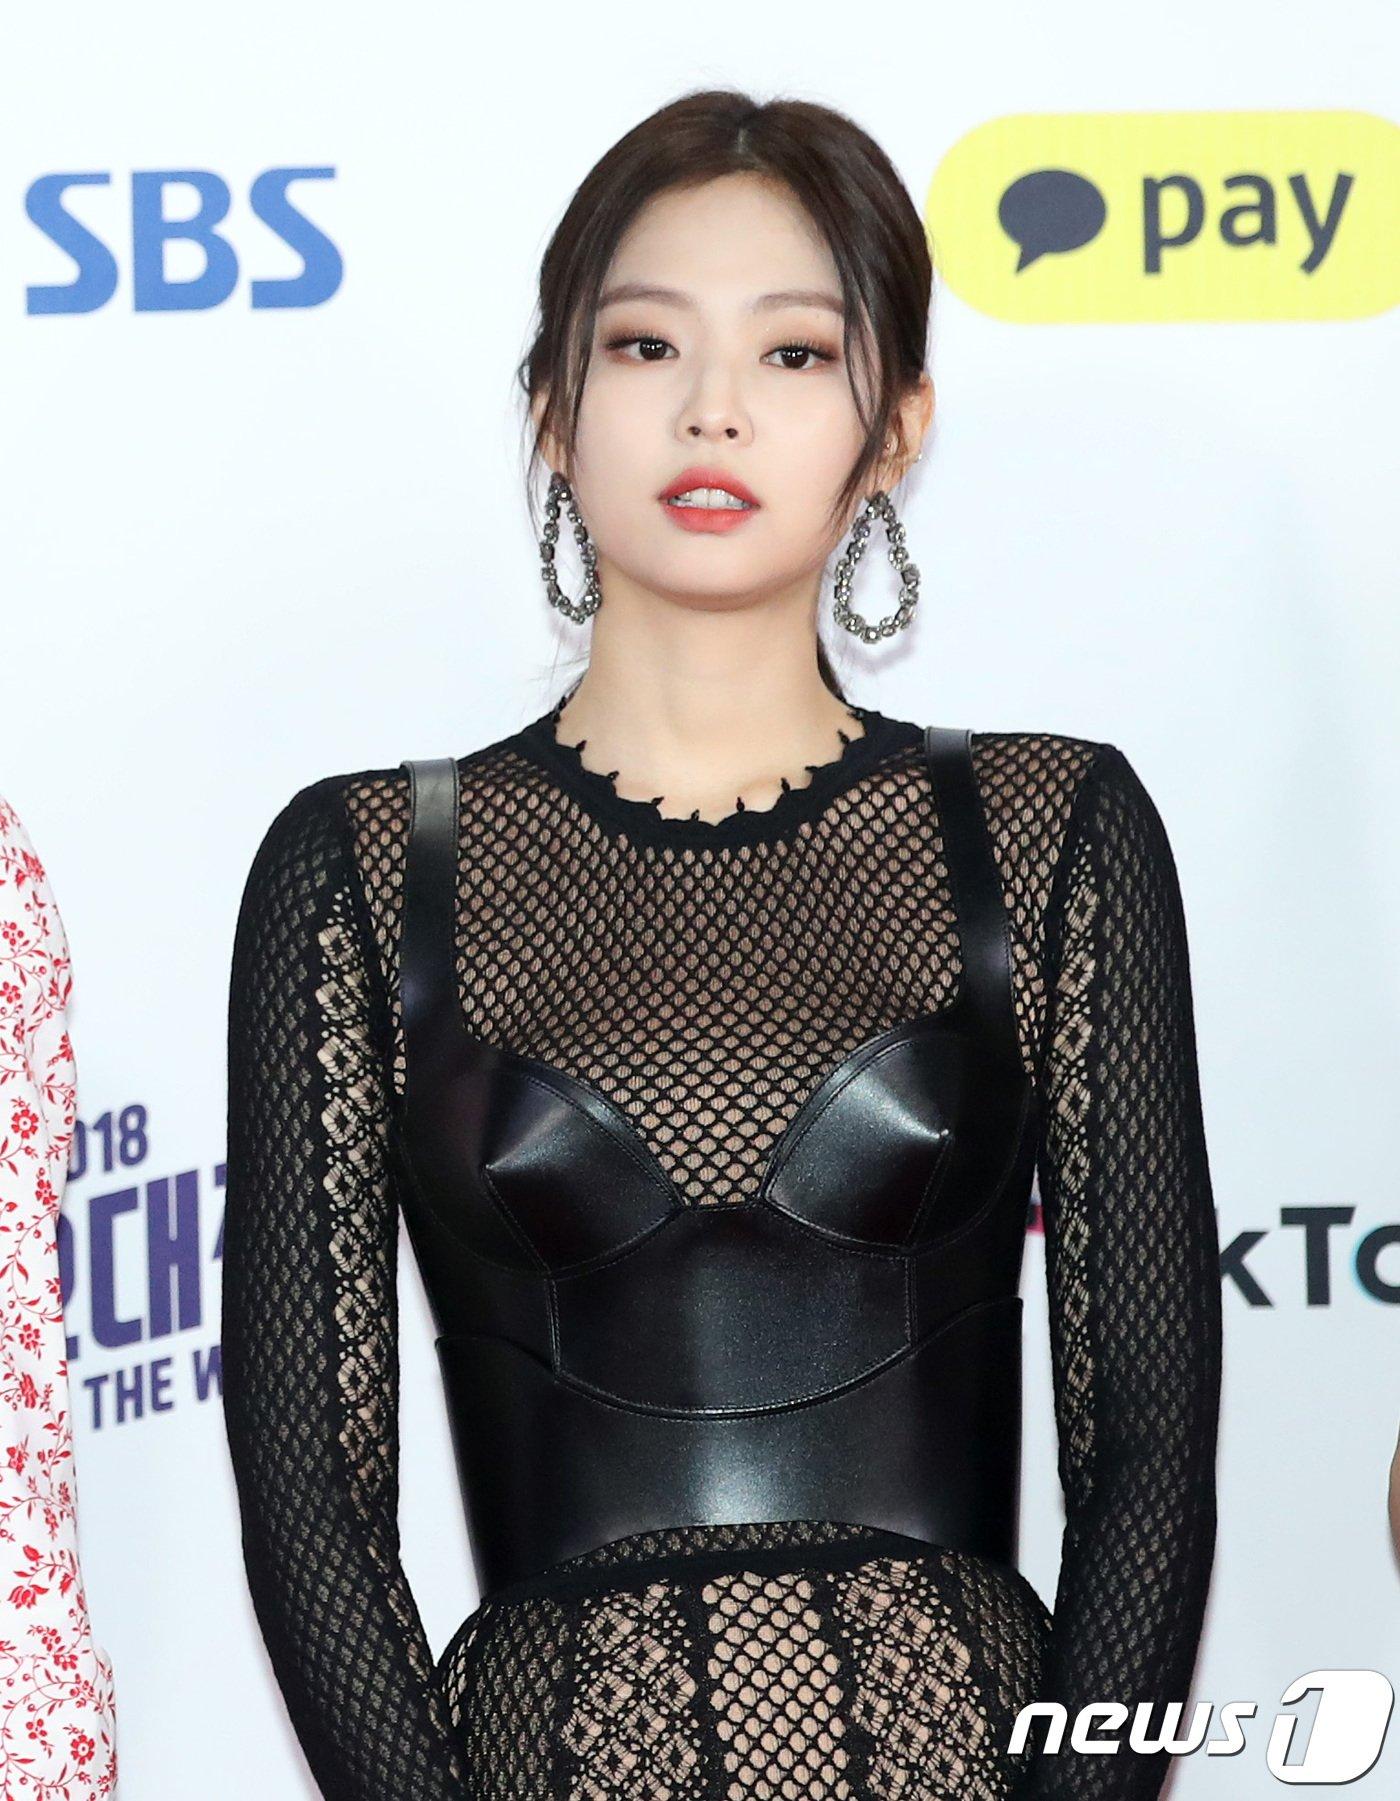 Muôn kiểu lên đồ vừa đẹp vừa sang khiến bao người thèm khát như Jennie (BlackPink) - Hình 4